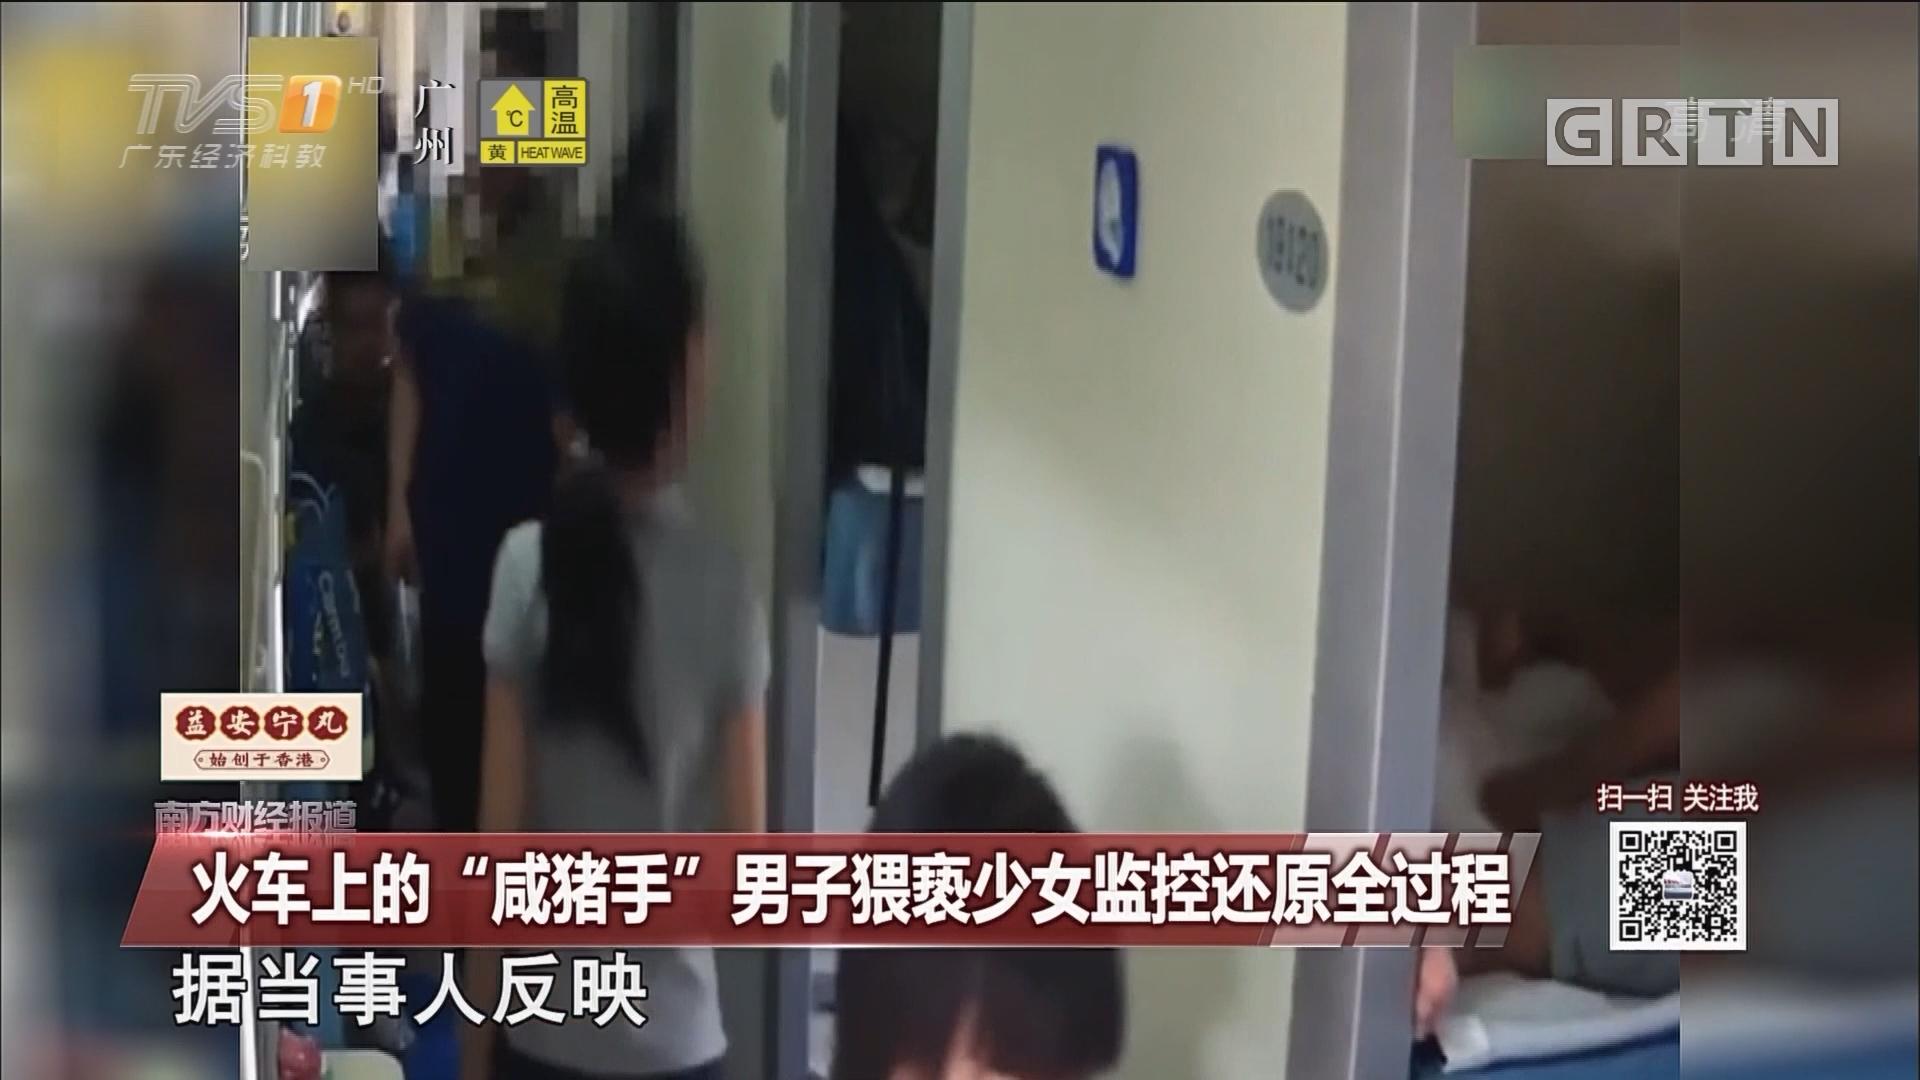 """火车上的""""咸猪手"""" 男子猥亵少女监控还原全过程"""